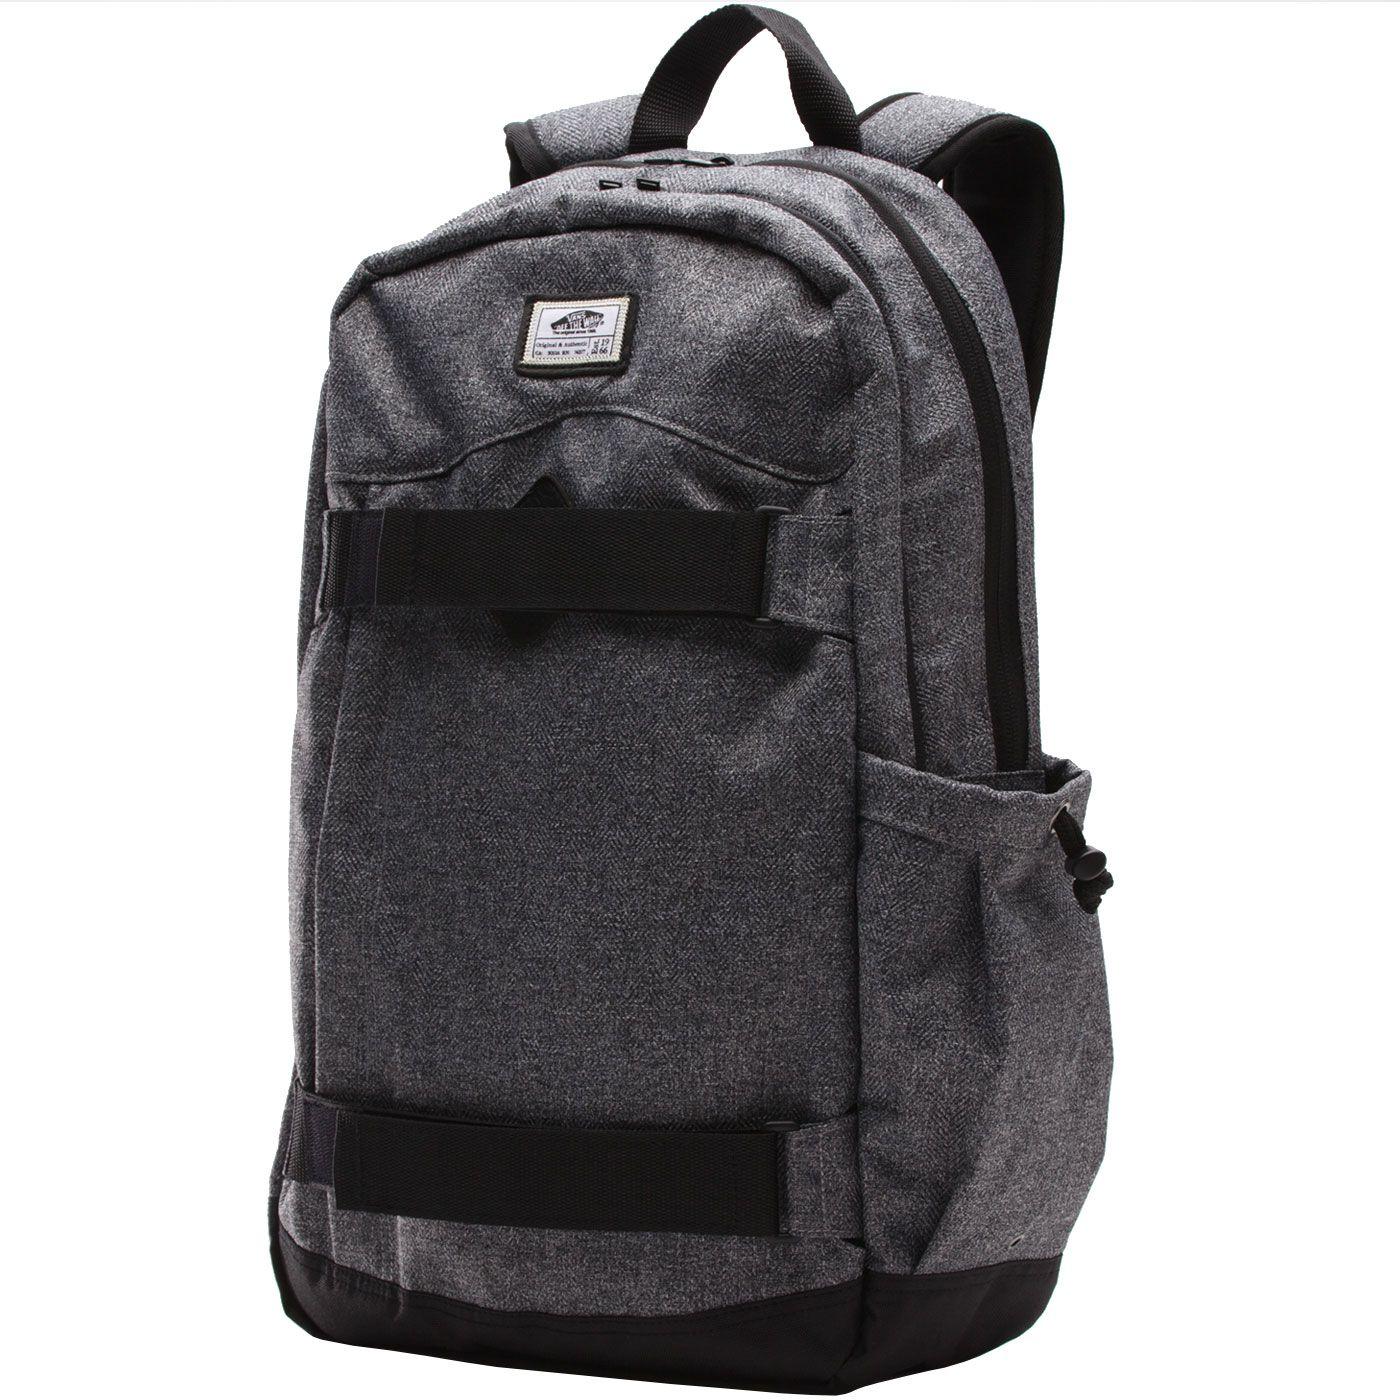 d732789f8e84fa Vans Authentic II Skatepack Backpack - Cement Herringbone